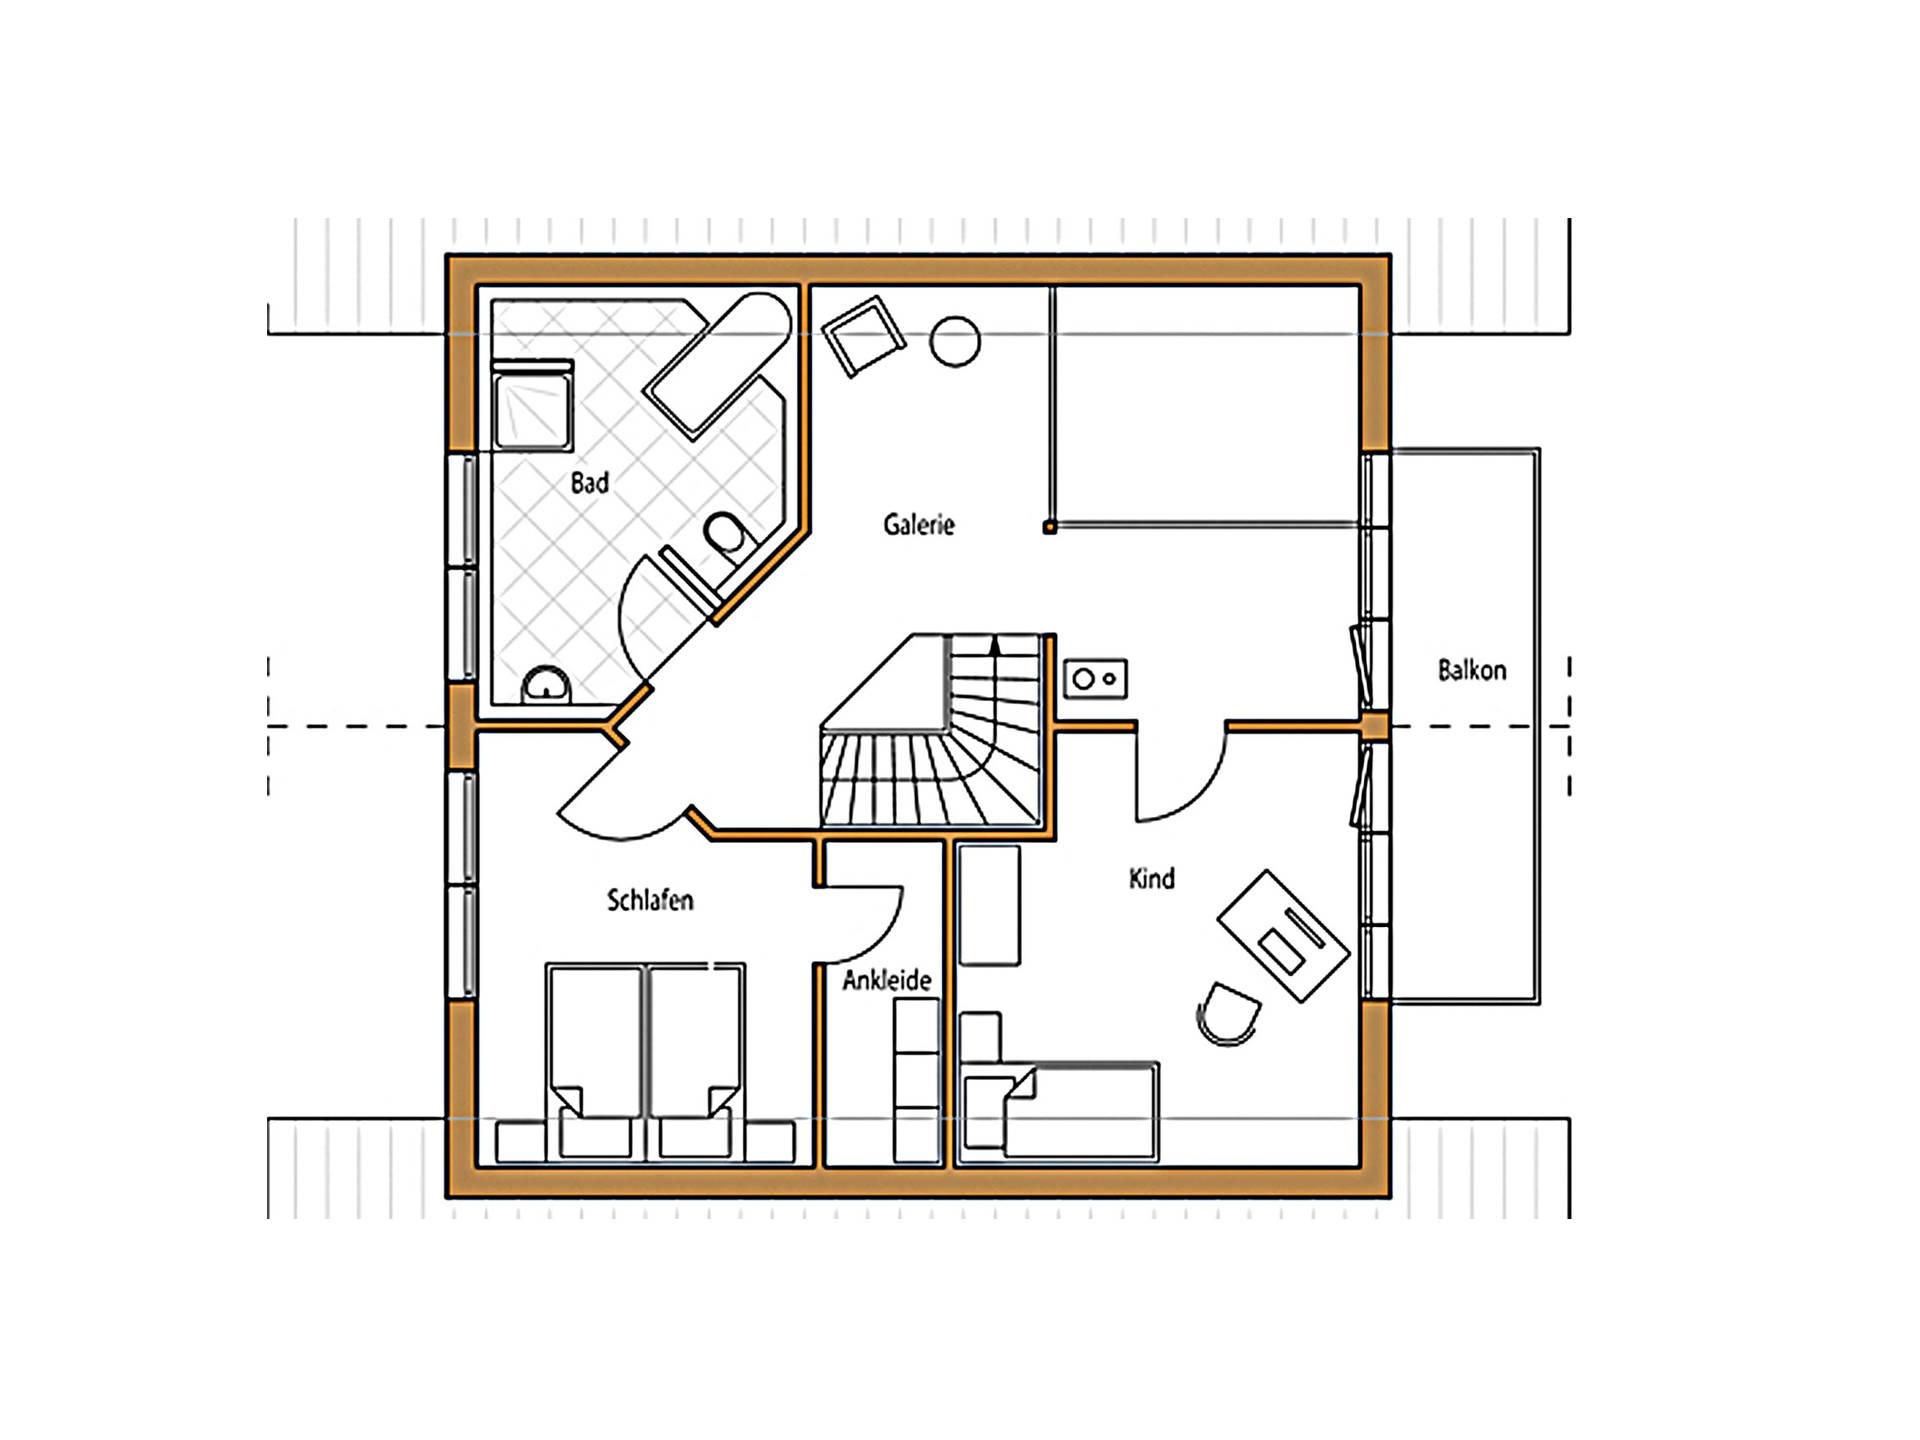 Haus Holz 131 Grundriss Dachgeschoss